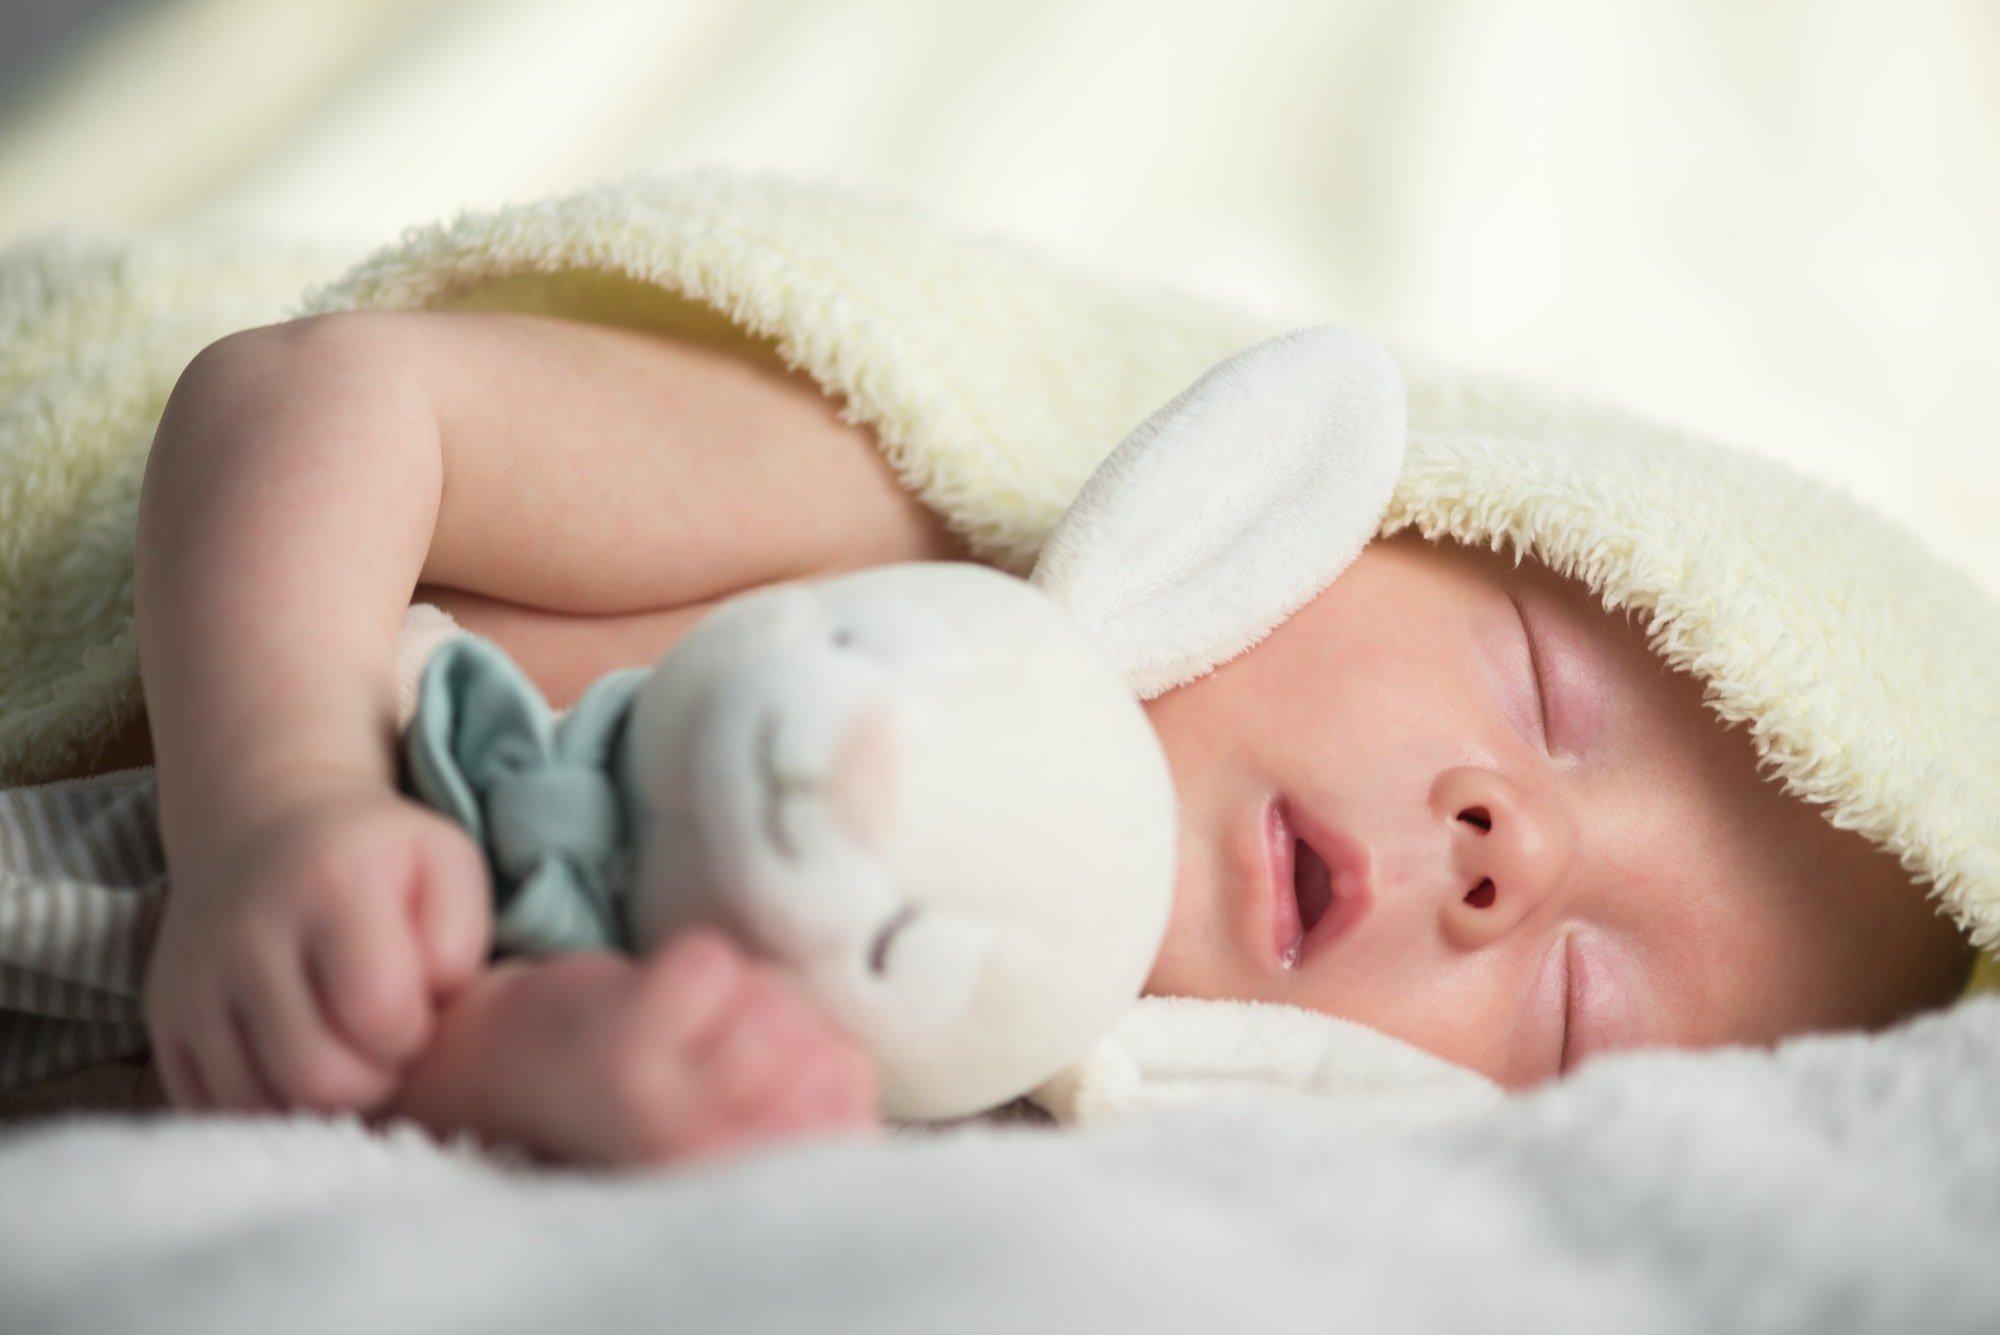 Бумажные свидетельства о рождении в Украине заменят электронными: как работает сервис еМалыш - today.ua